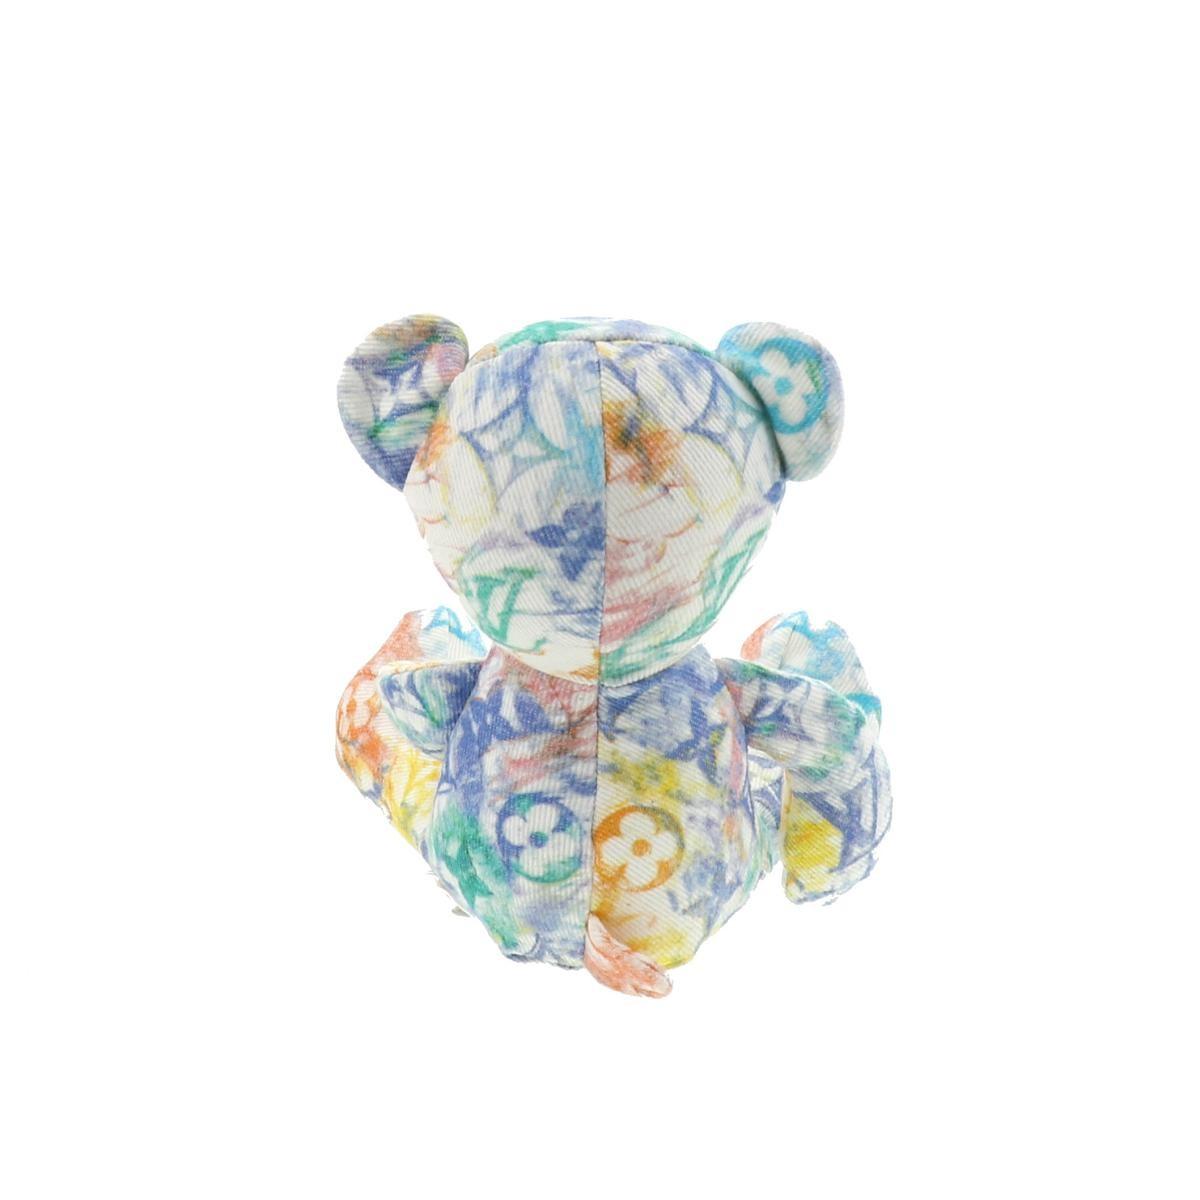 【最終値下げ】【極上品】【オススメ】LOUIS VUITTON ルイヴィトン ドゥドゥ・ルイ ギフティングコレクション ぬいぐるみ テディベア GI0502